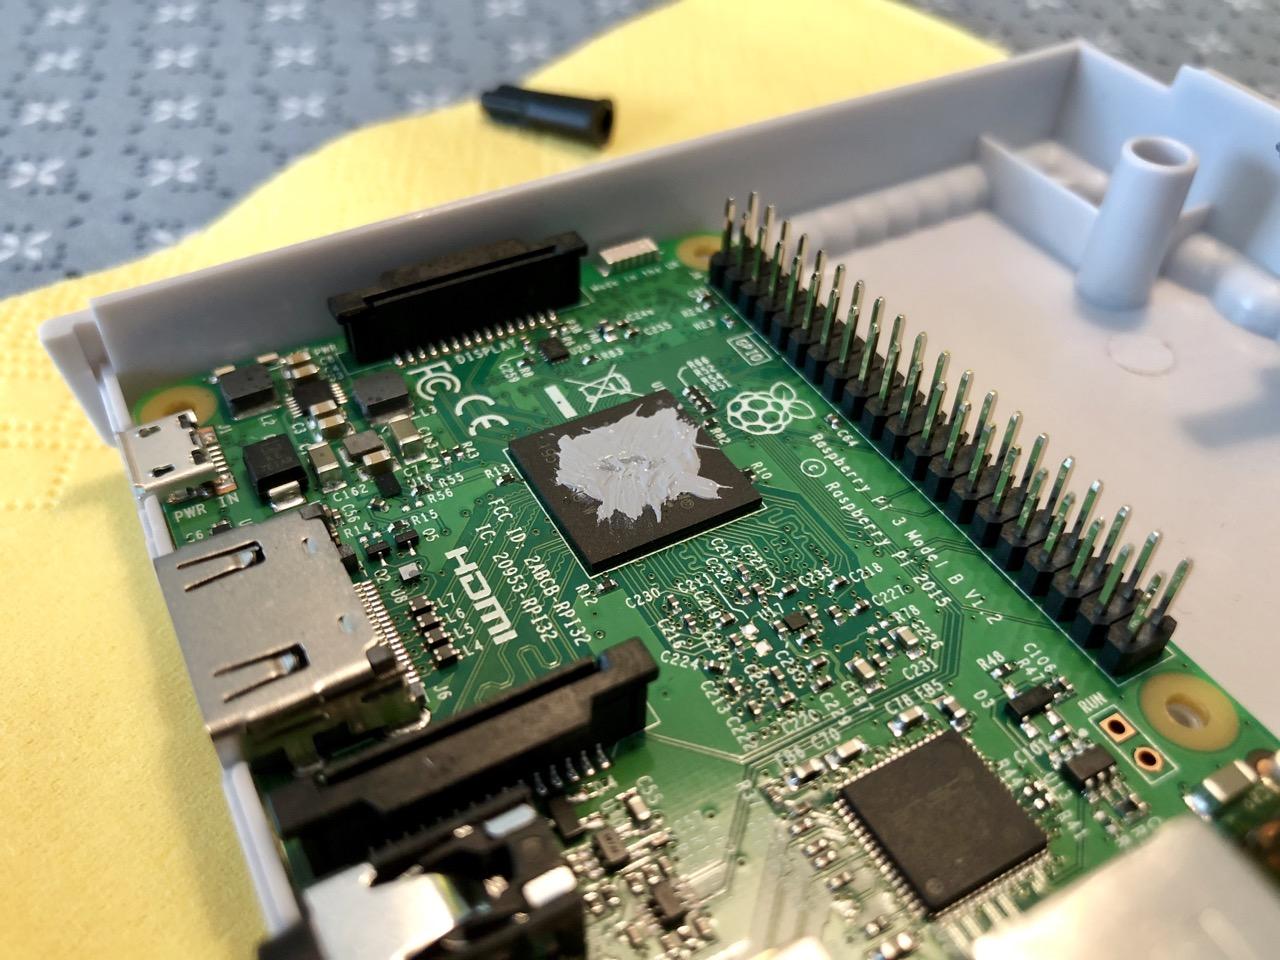 Vor dem Aufbringen des Heatsinks habe ich die CPU mit ein wenig Thermalpaste versehen. (Bild: André Eymann)